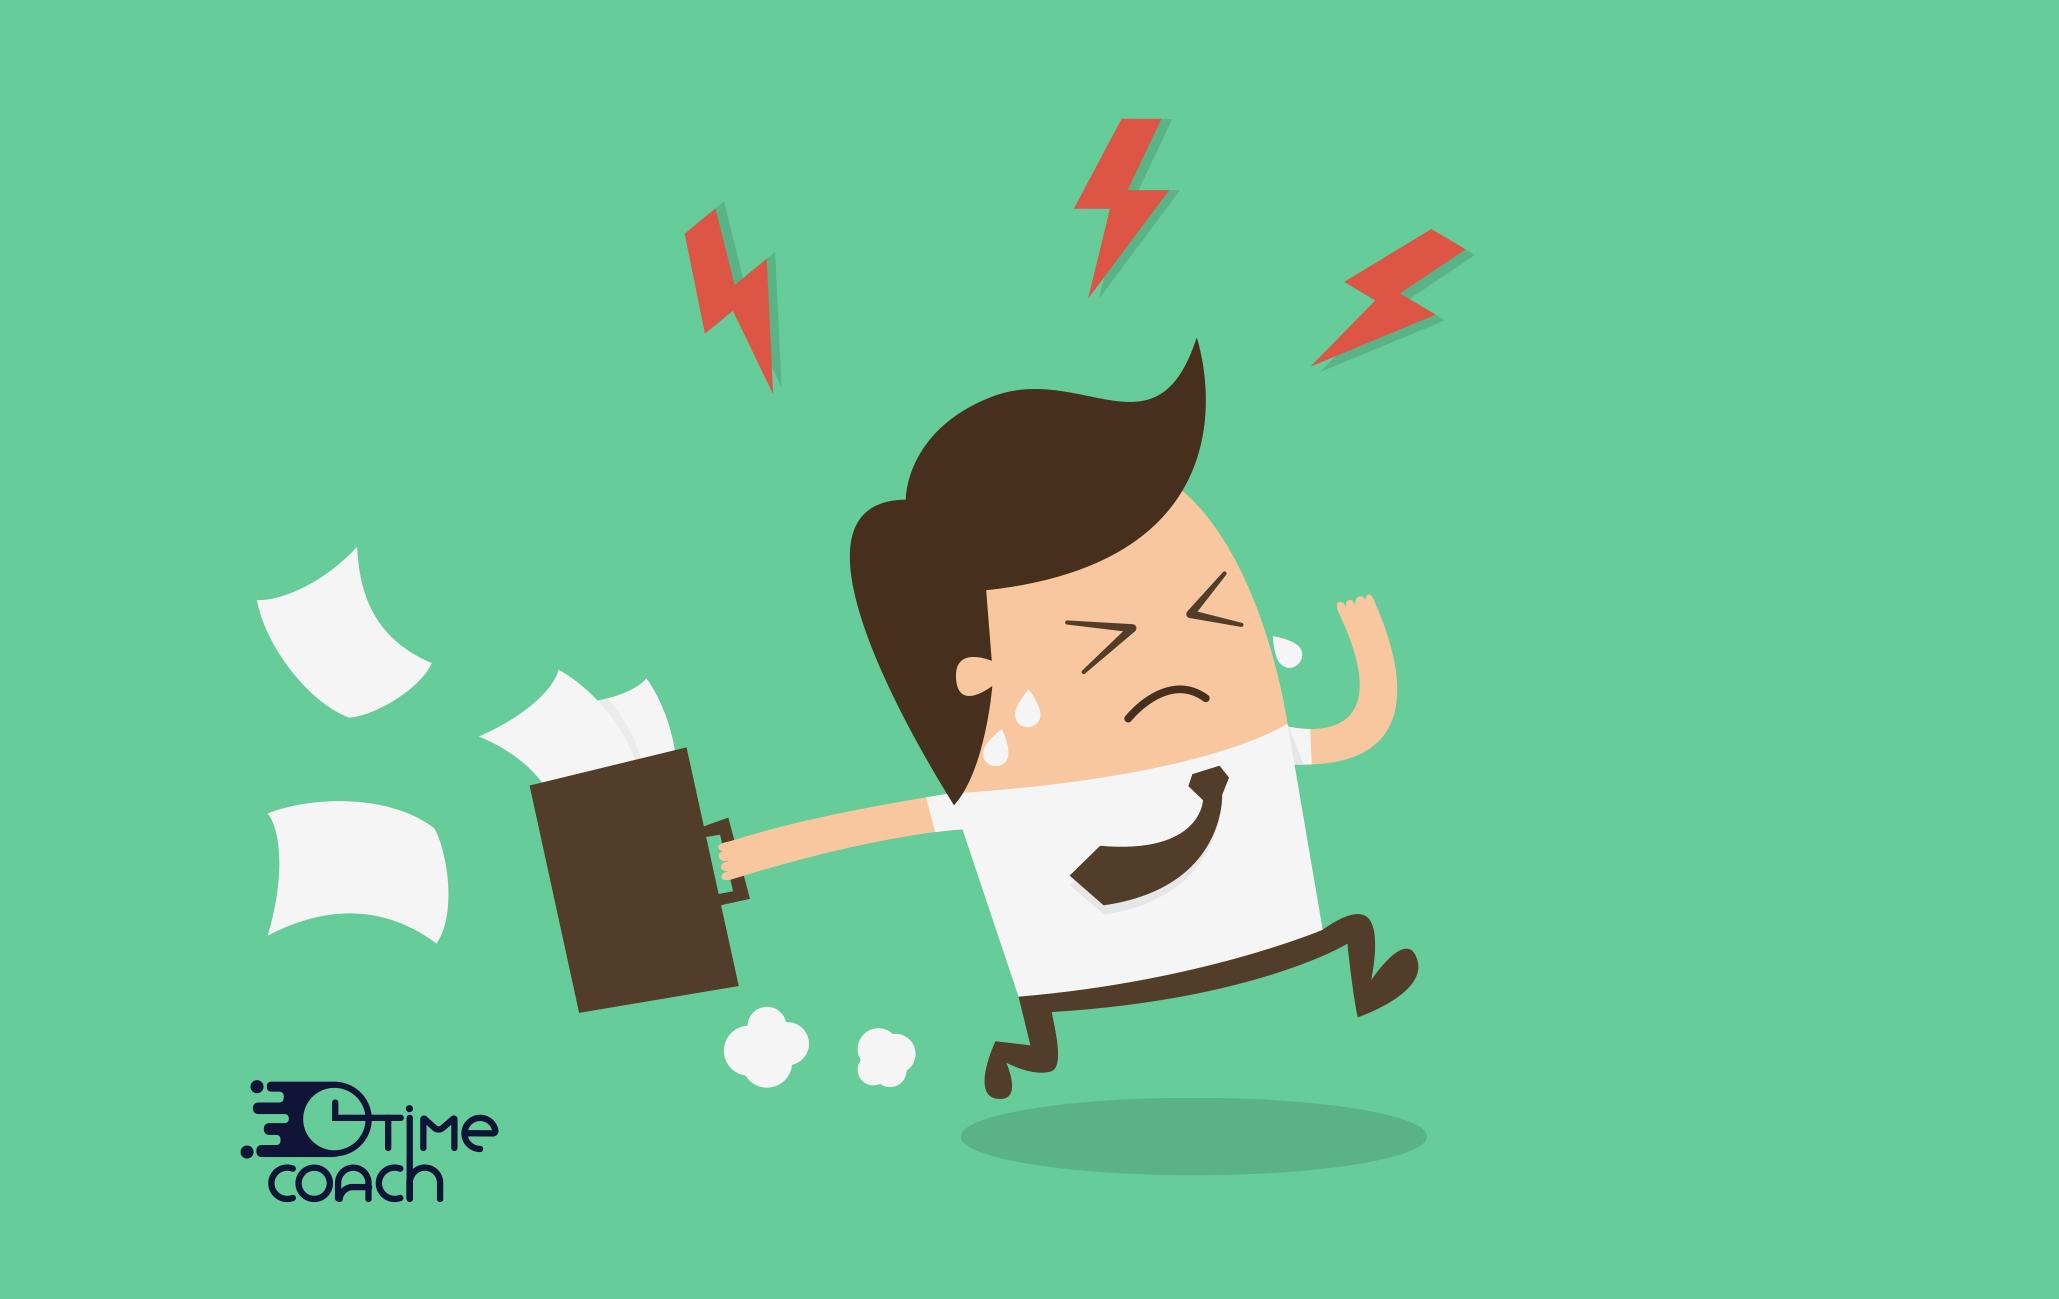 5 راه برای تبدیل استرس به بهره وری